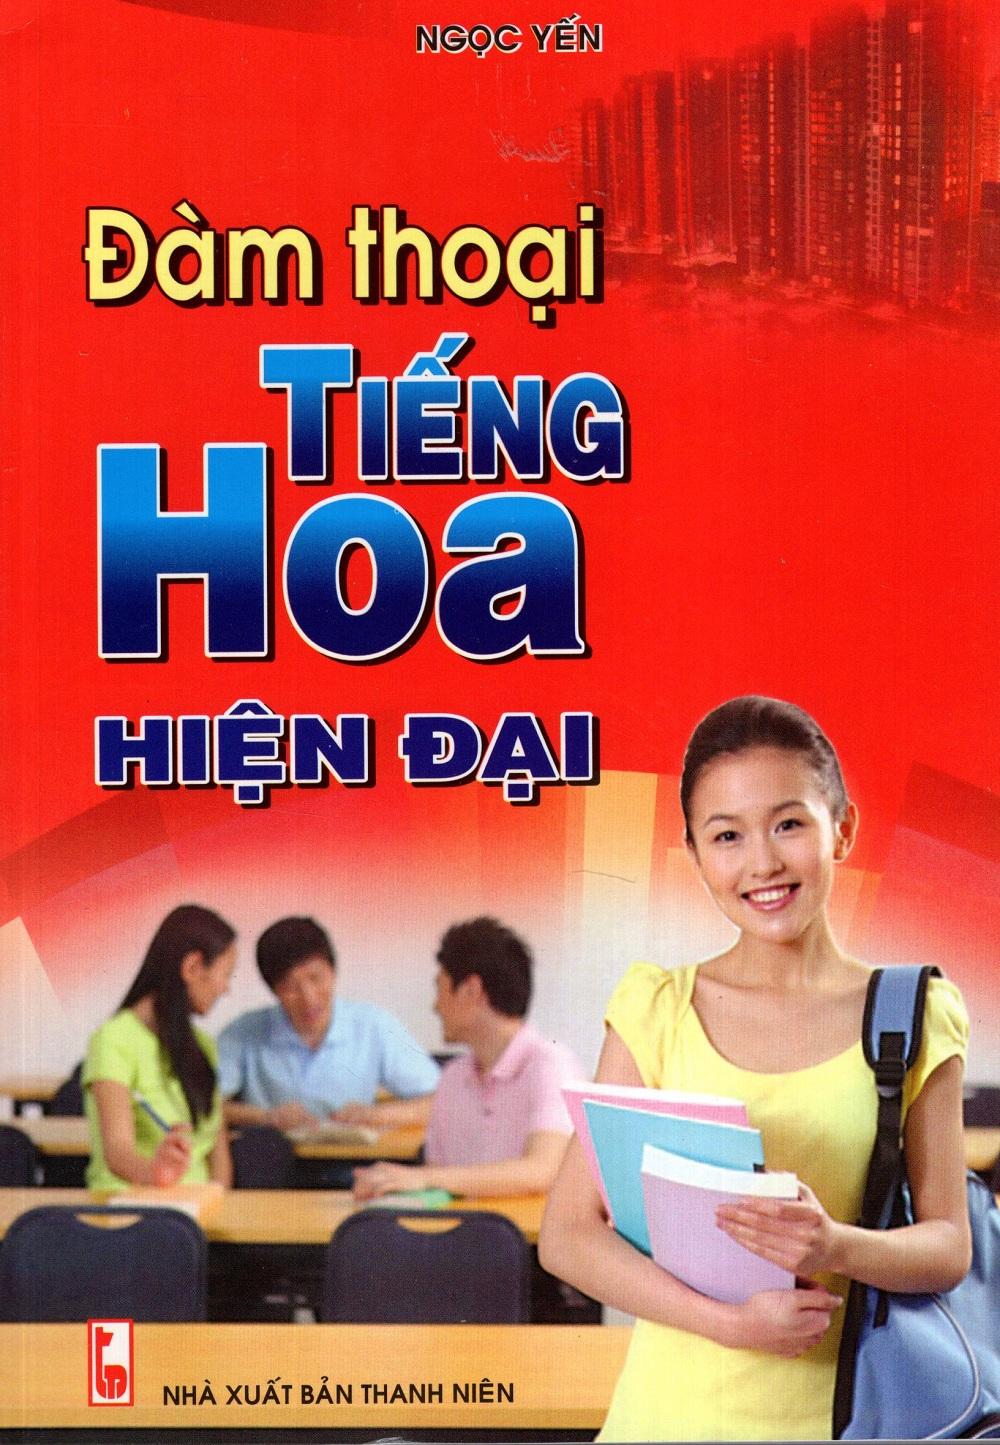 Đàm Thoại Tiếng Hoa Hiện Đại (Kèm 01 CD) - 868265 , 2391602727098 , 62_313264 , 64000 , Dam-Thoai-Tieng-Hoa-Hien-Dai-Kem-01-CD-62_313264 , tiki.vn , Đàm Thoại Tiếng Hoa Hiện Đại (Kèm 01 CD)